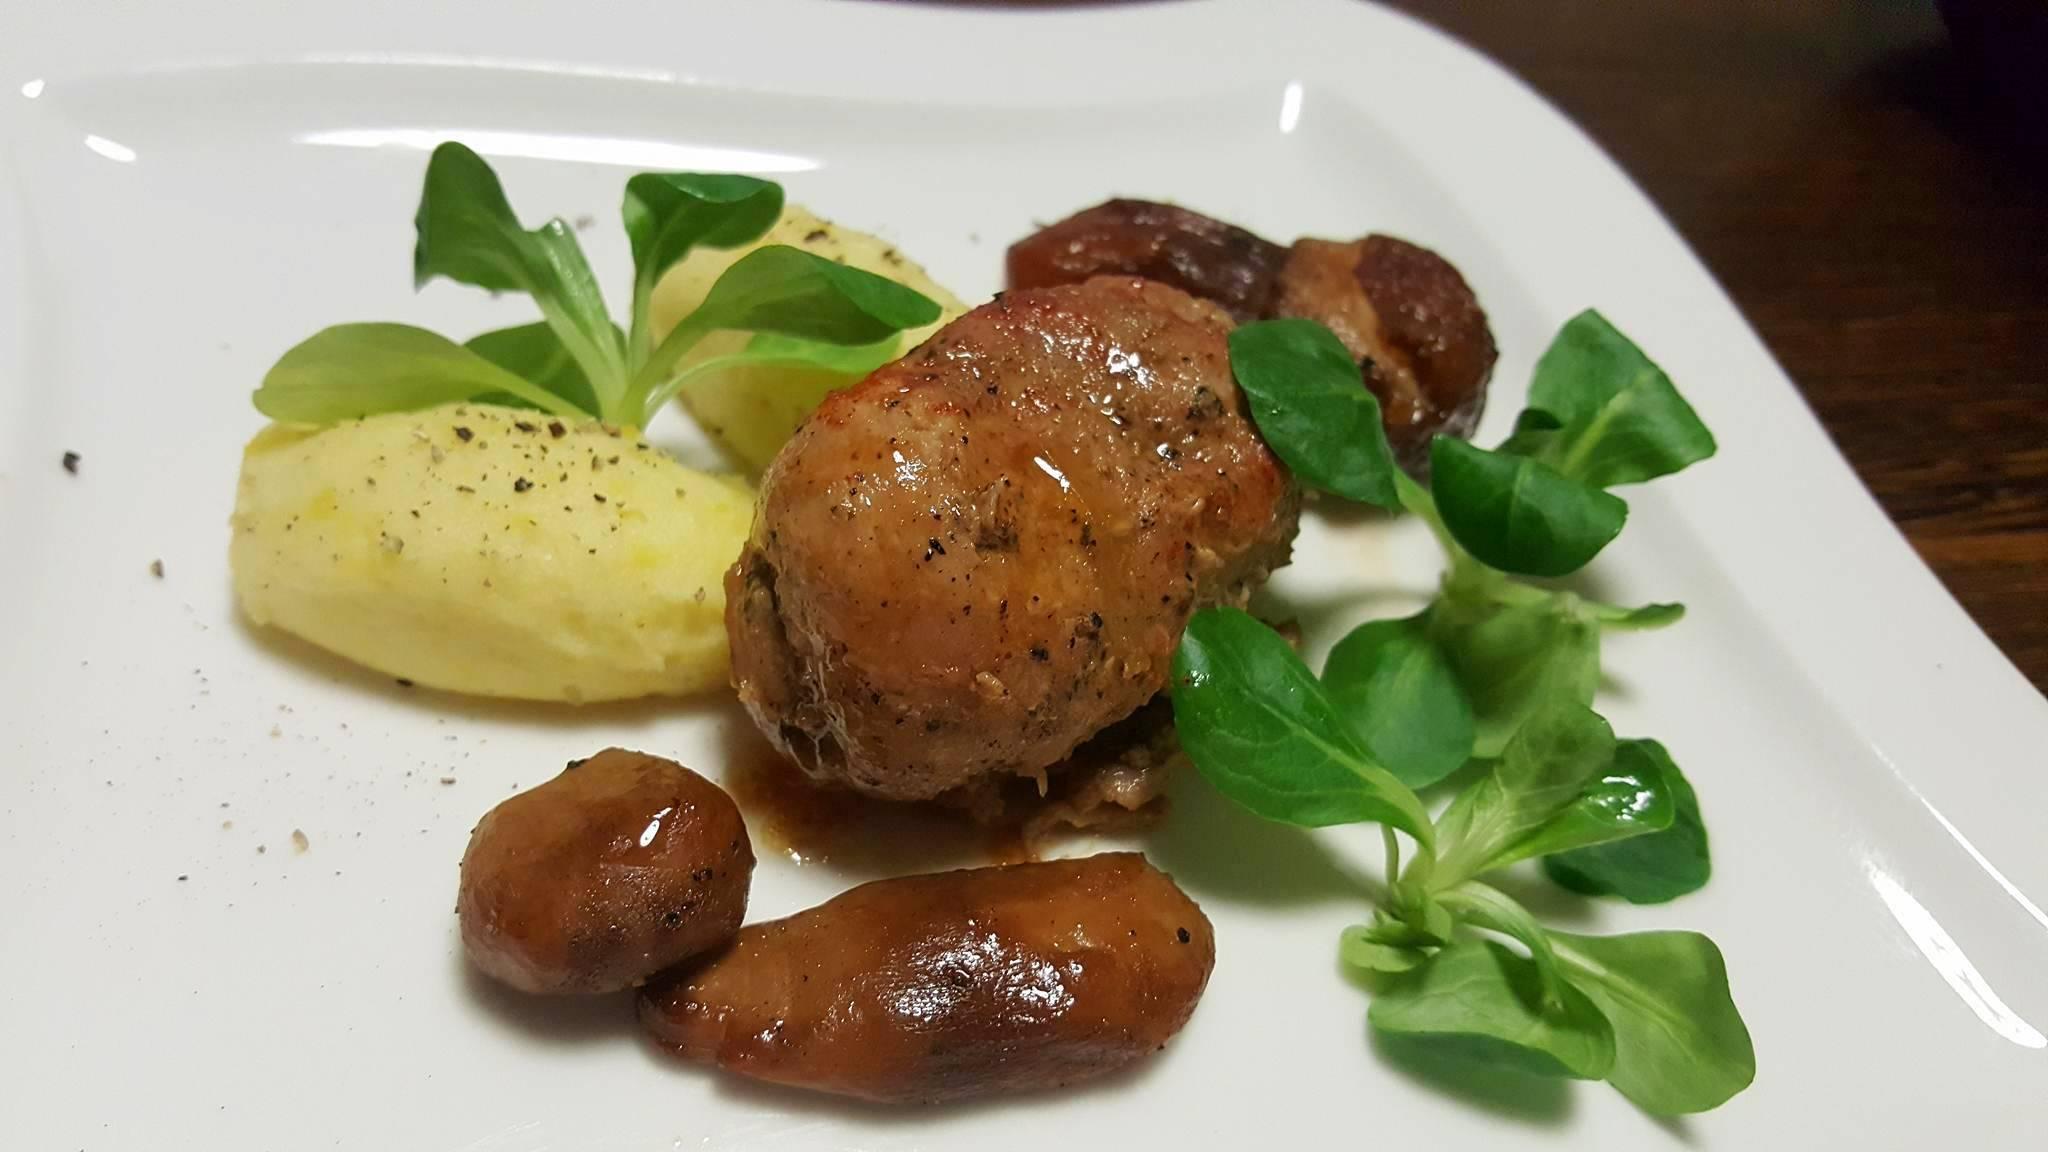 Roladki z karkówki, purée z ziemniaka, żółtej marchewki i konfitowane borowiki